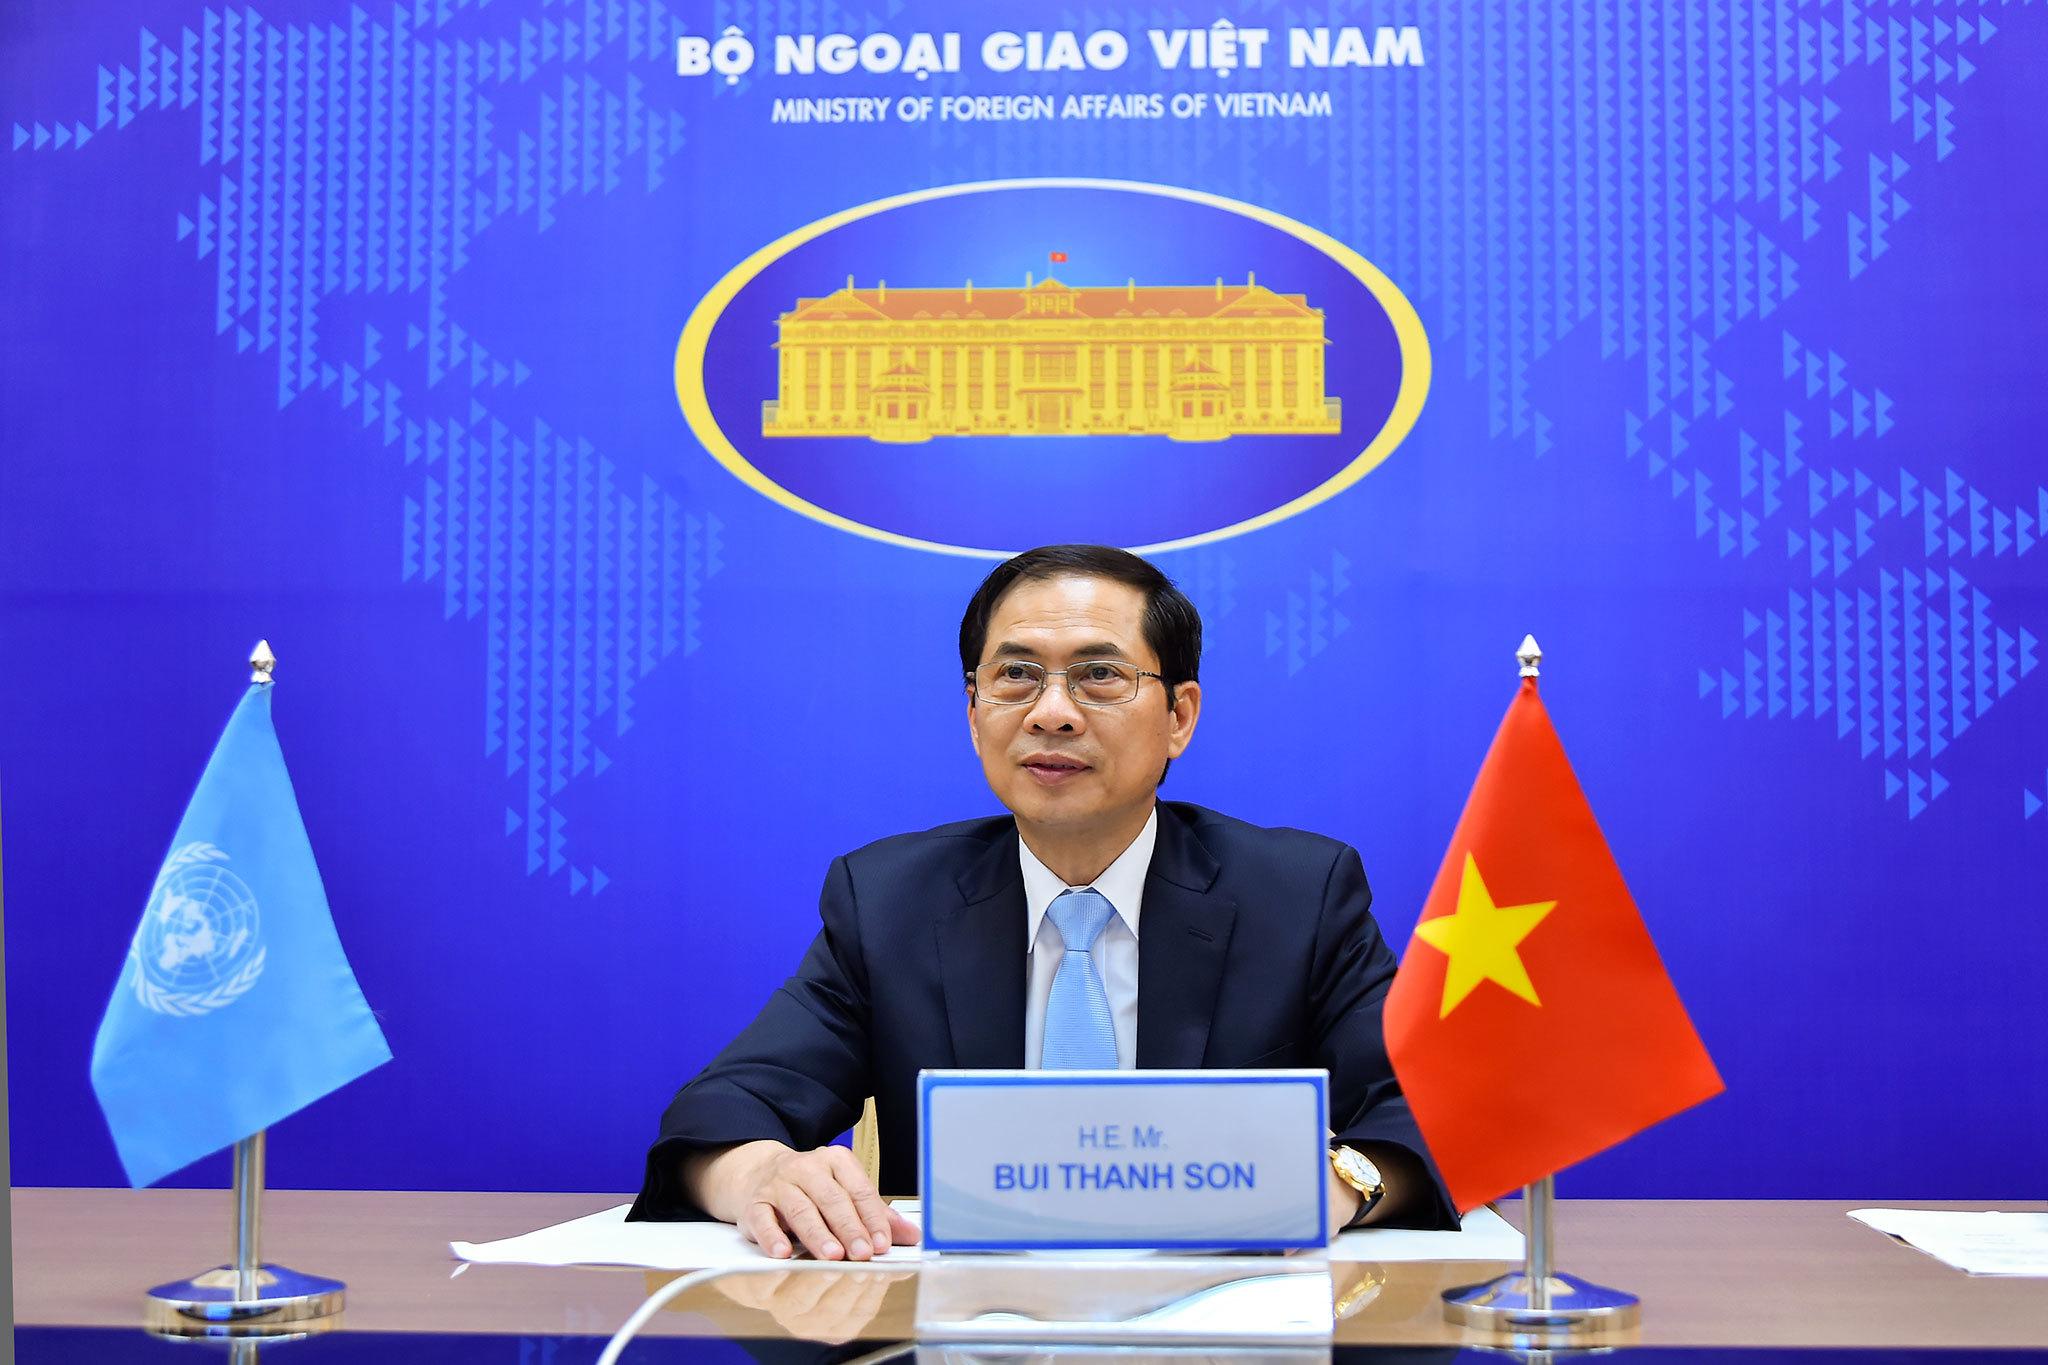 Việt Nam cam kết mạnh mẽ với chủ nghĩa đa phương, đoàn kết quốc tế